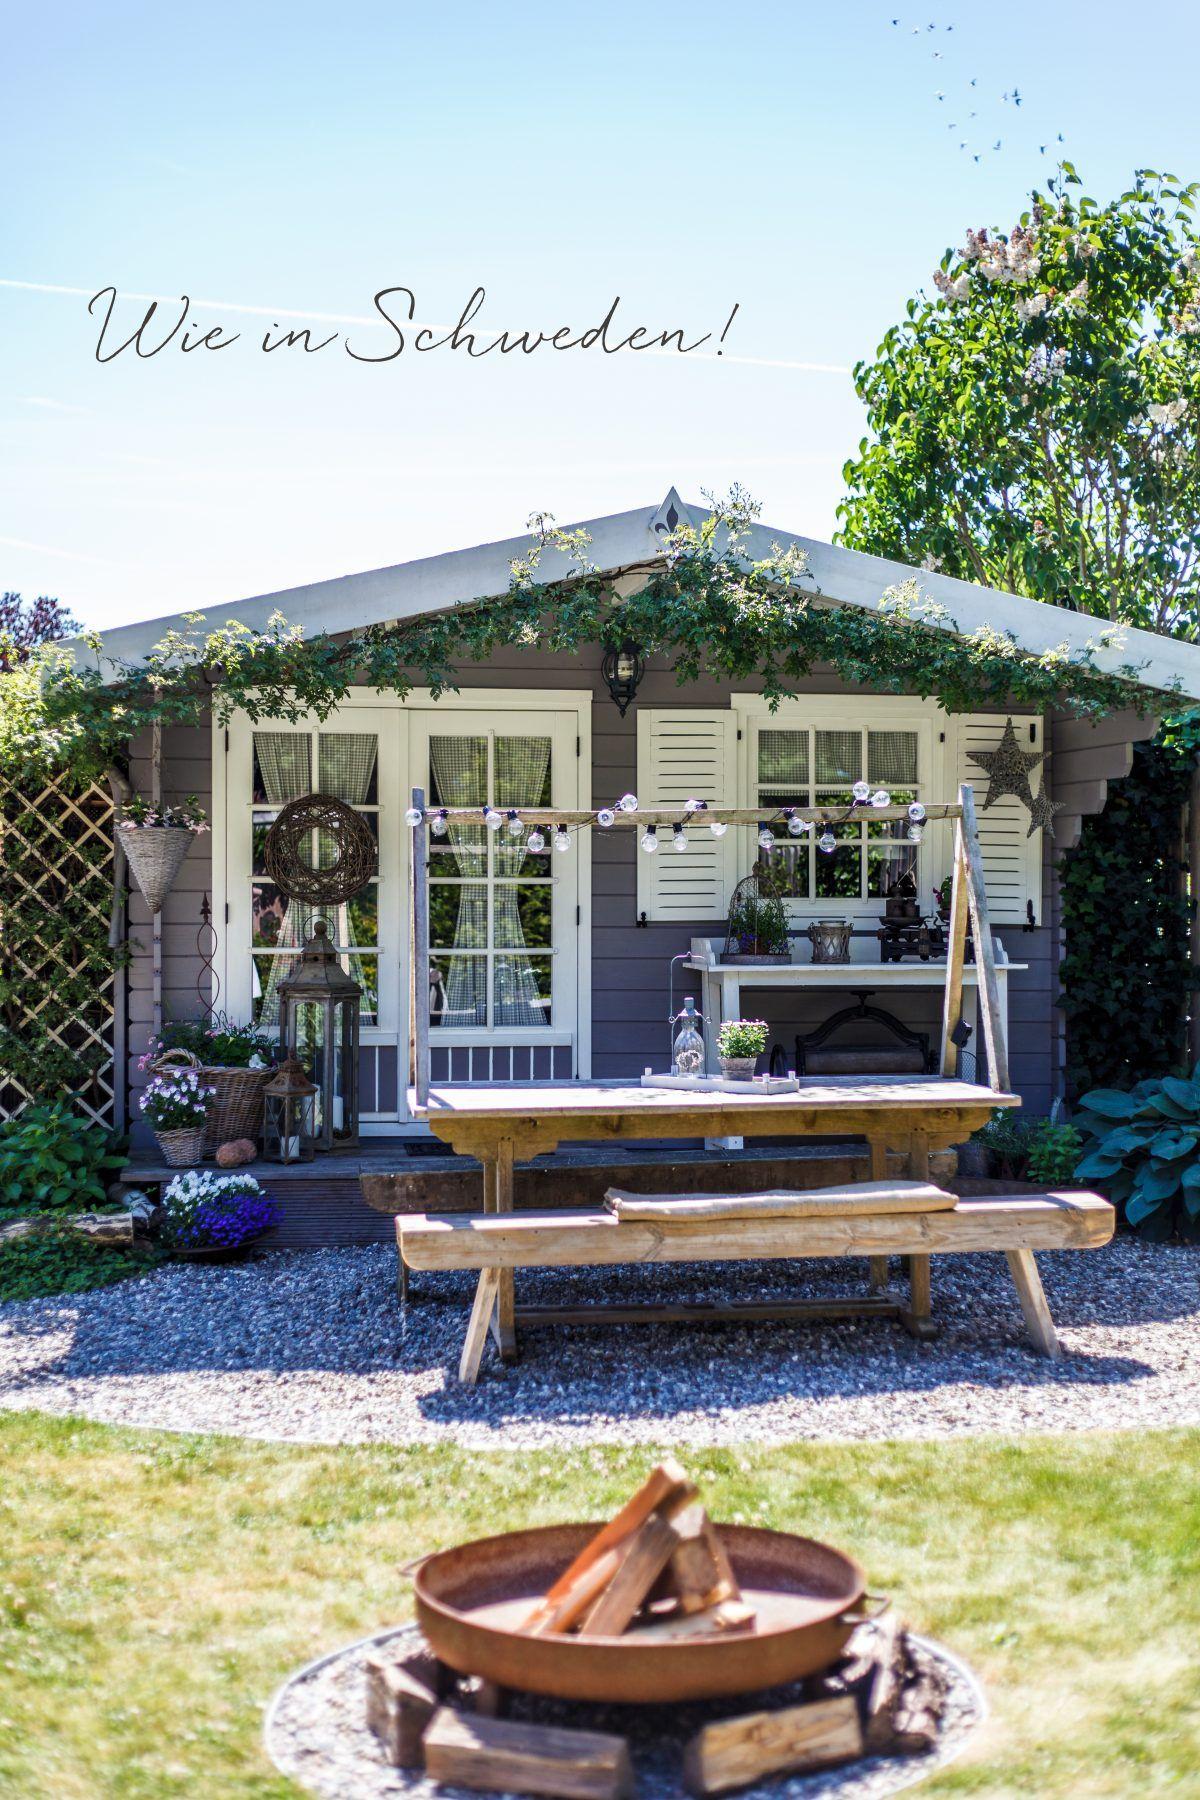 Photo of Ecco come vive il nord: il piccolo laboratorio di giardinaggio di Sabrina – Förde Fräulein